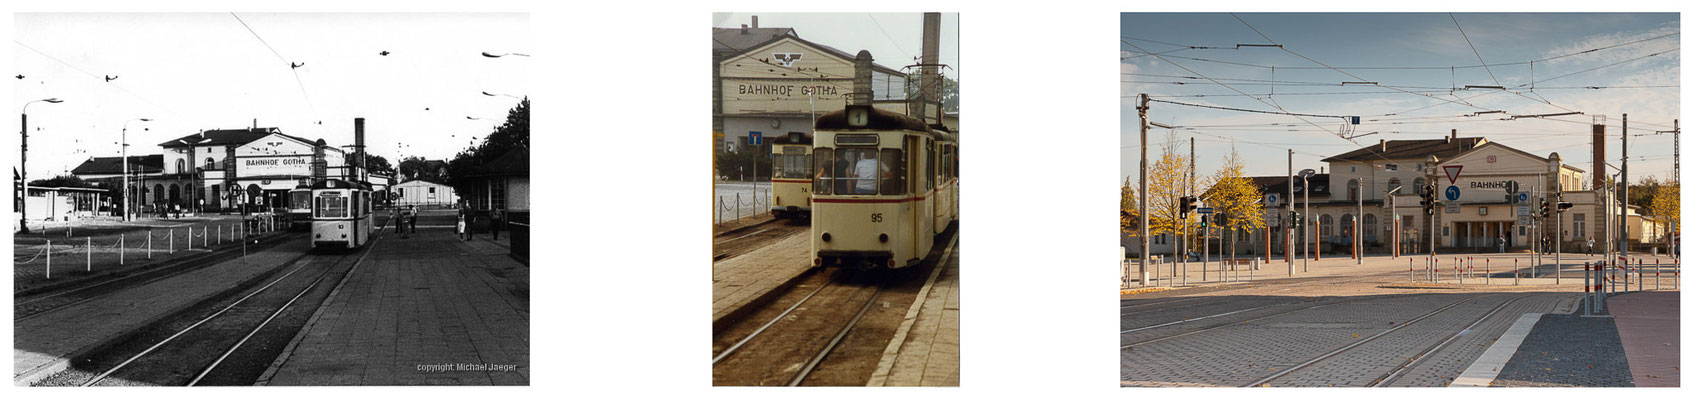 Gotha Bahnhof 1983 / 2014 - DDR 80'er Jahre im Vergleich zu heute - Gotha Gestern und Heute